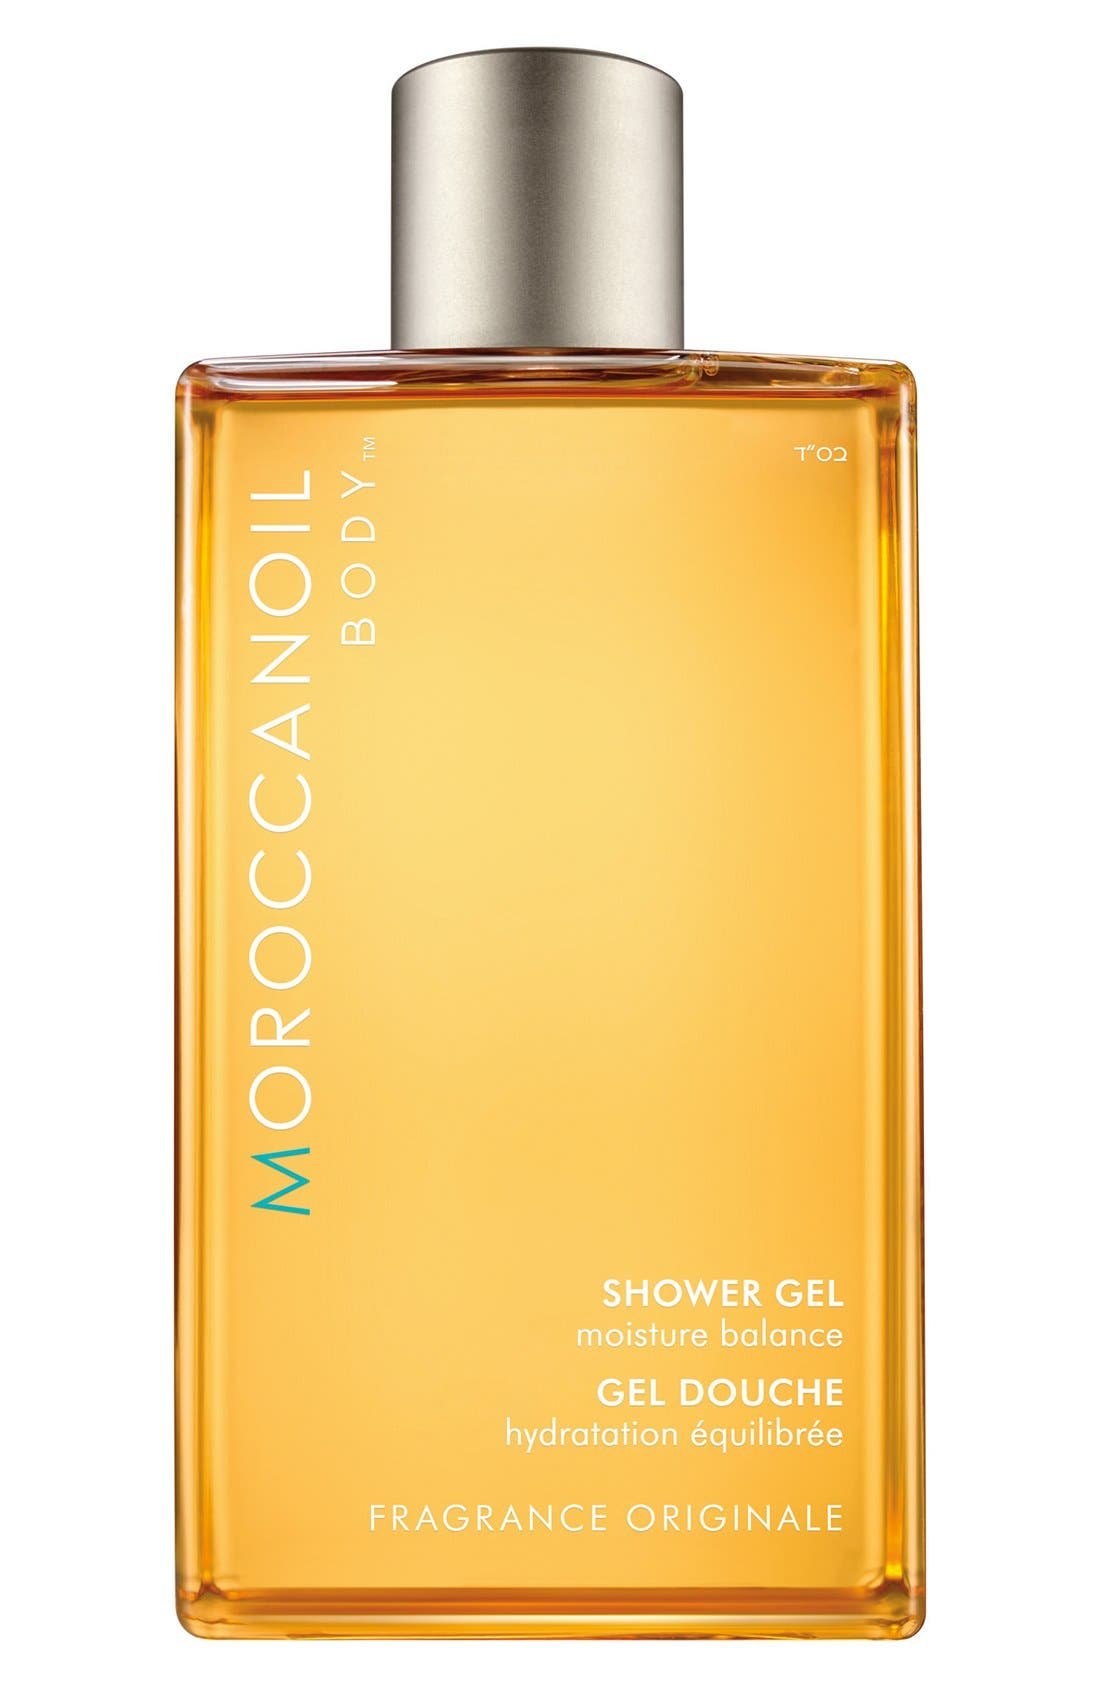 Fragrance Originale Shower Gel,                             Main thumbnail 1, color,                             NO COLOR